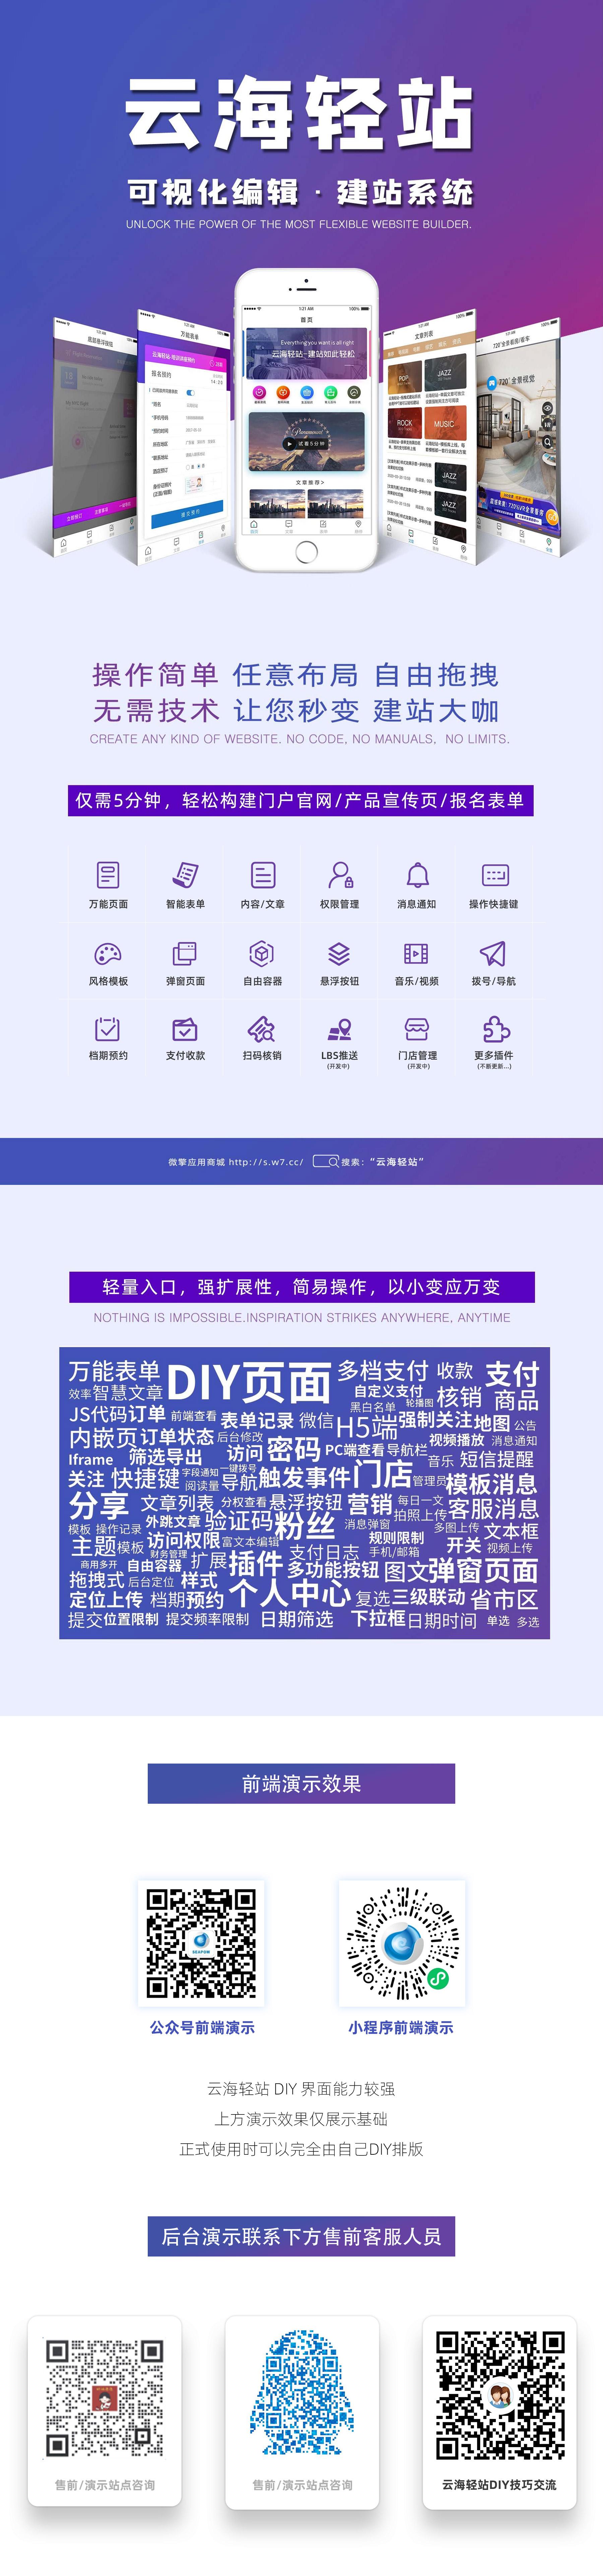 【公众号源码】云海轻站V1.7.1版本(新增权限管理之插件权限设置)-闲人源码